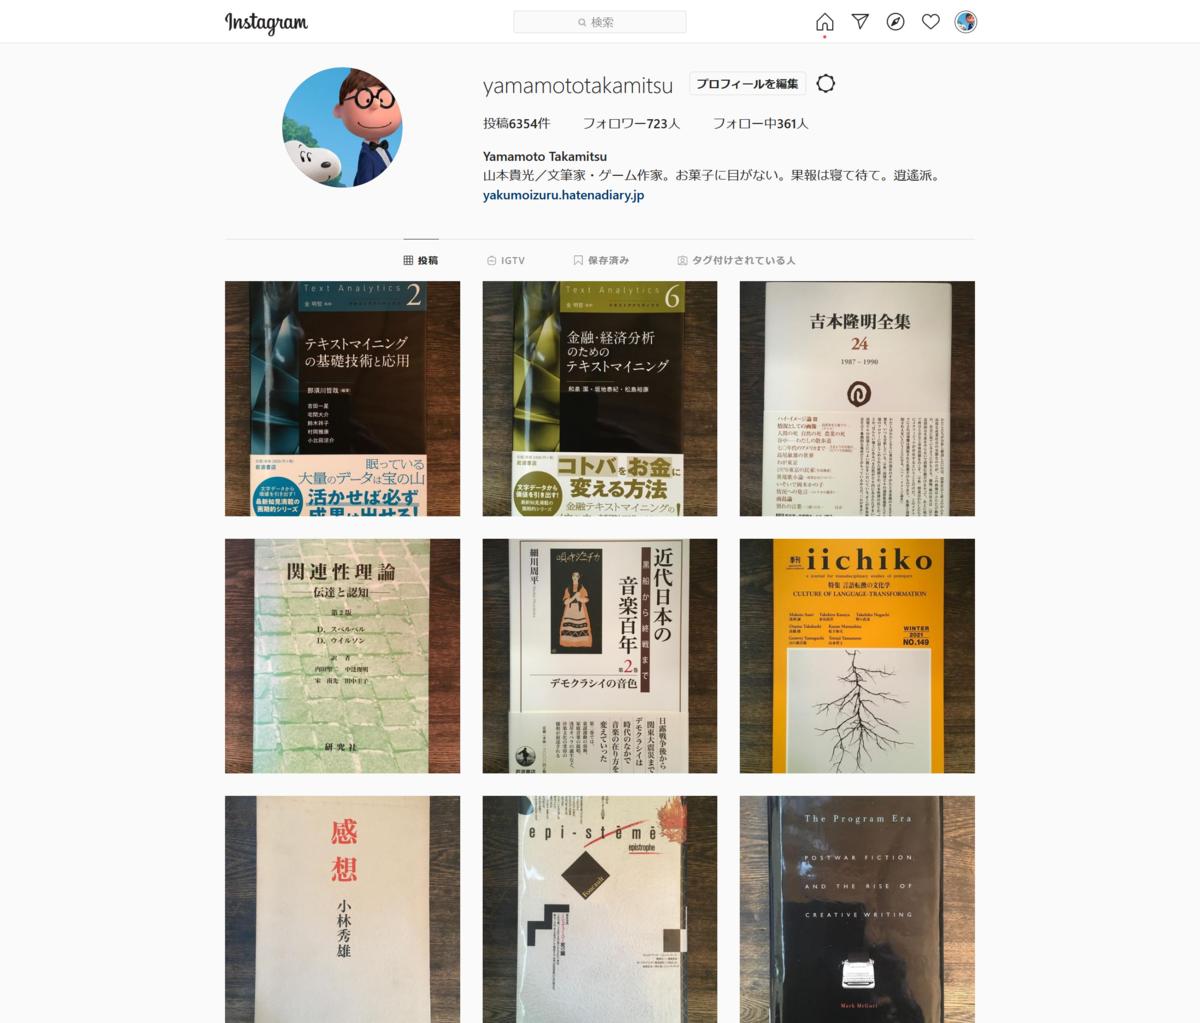 f:id:yakumoizuru:20210204022633p:plain